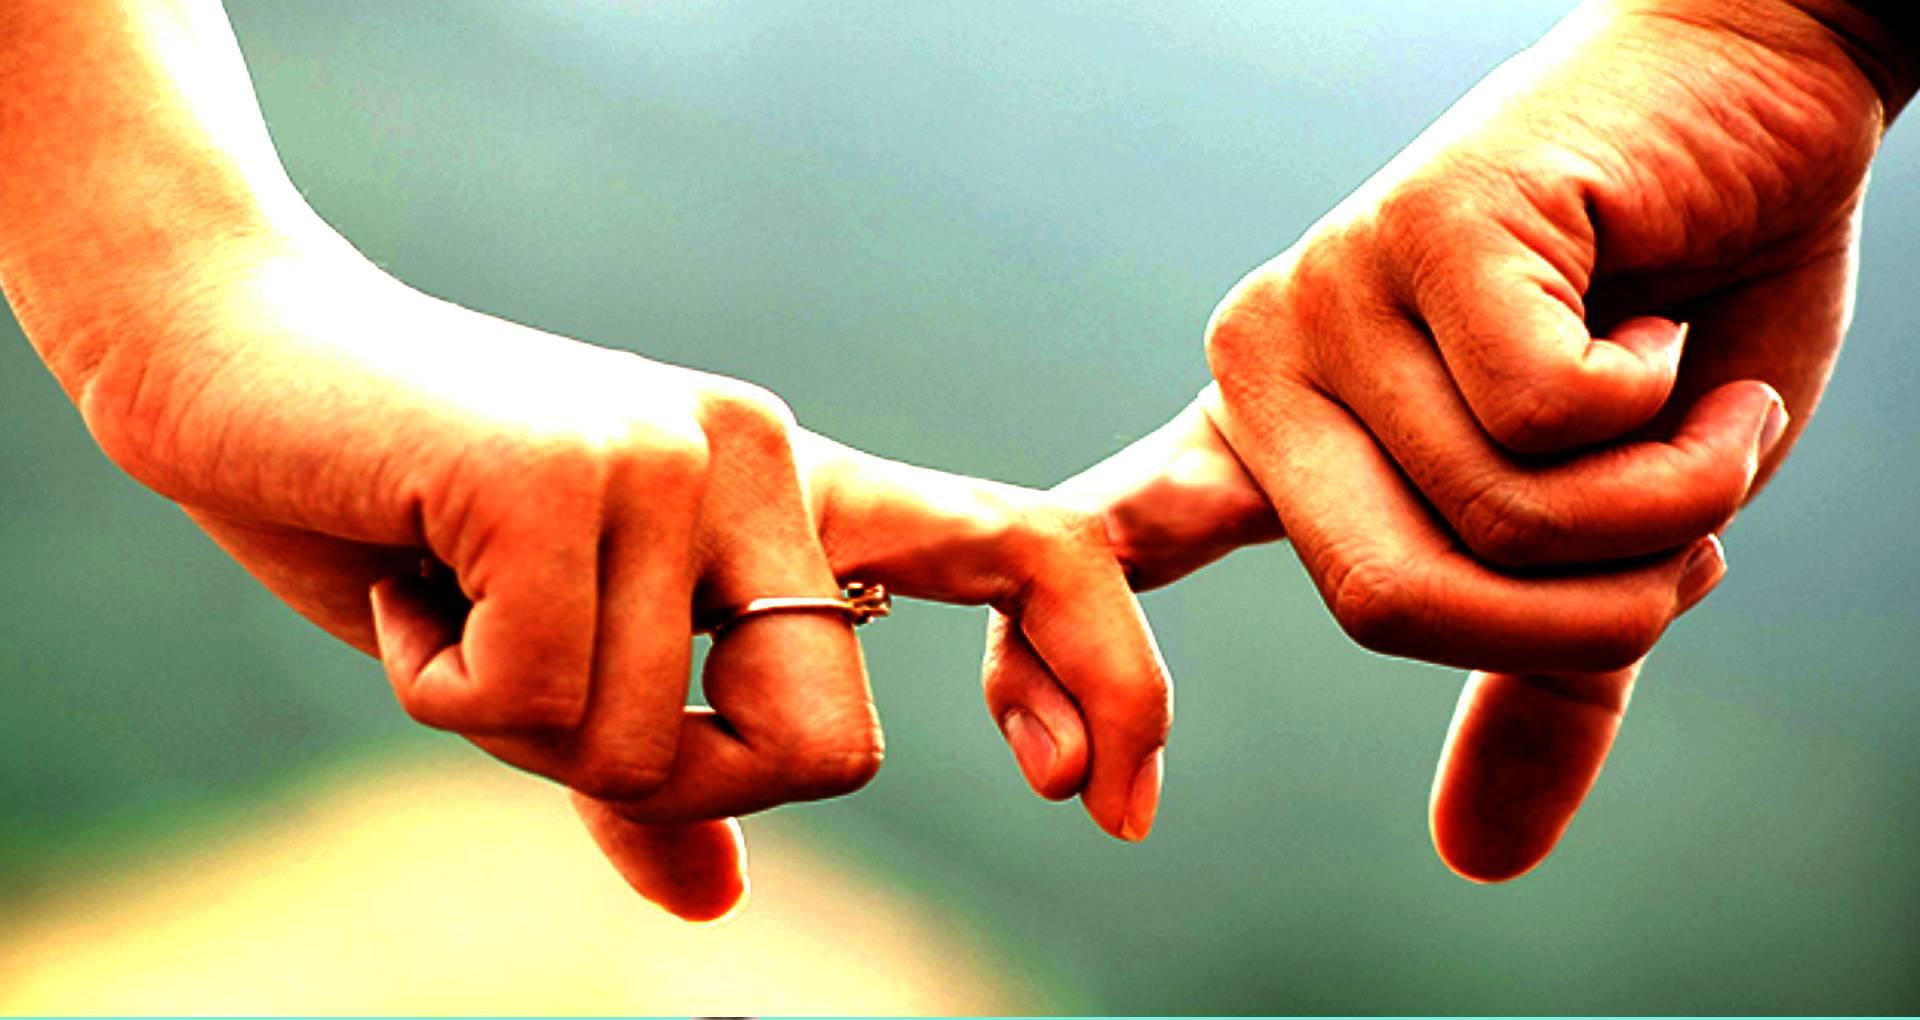 Relationship Tips: अपने रिलेशनशिप को बनाना है और भी मजबूत, तो अपनाएं ये खास टिप्स